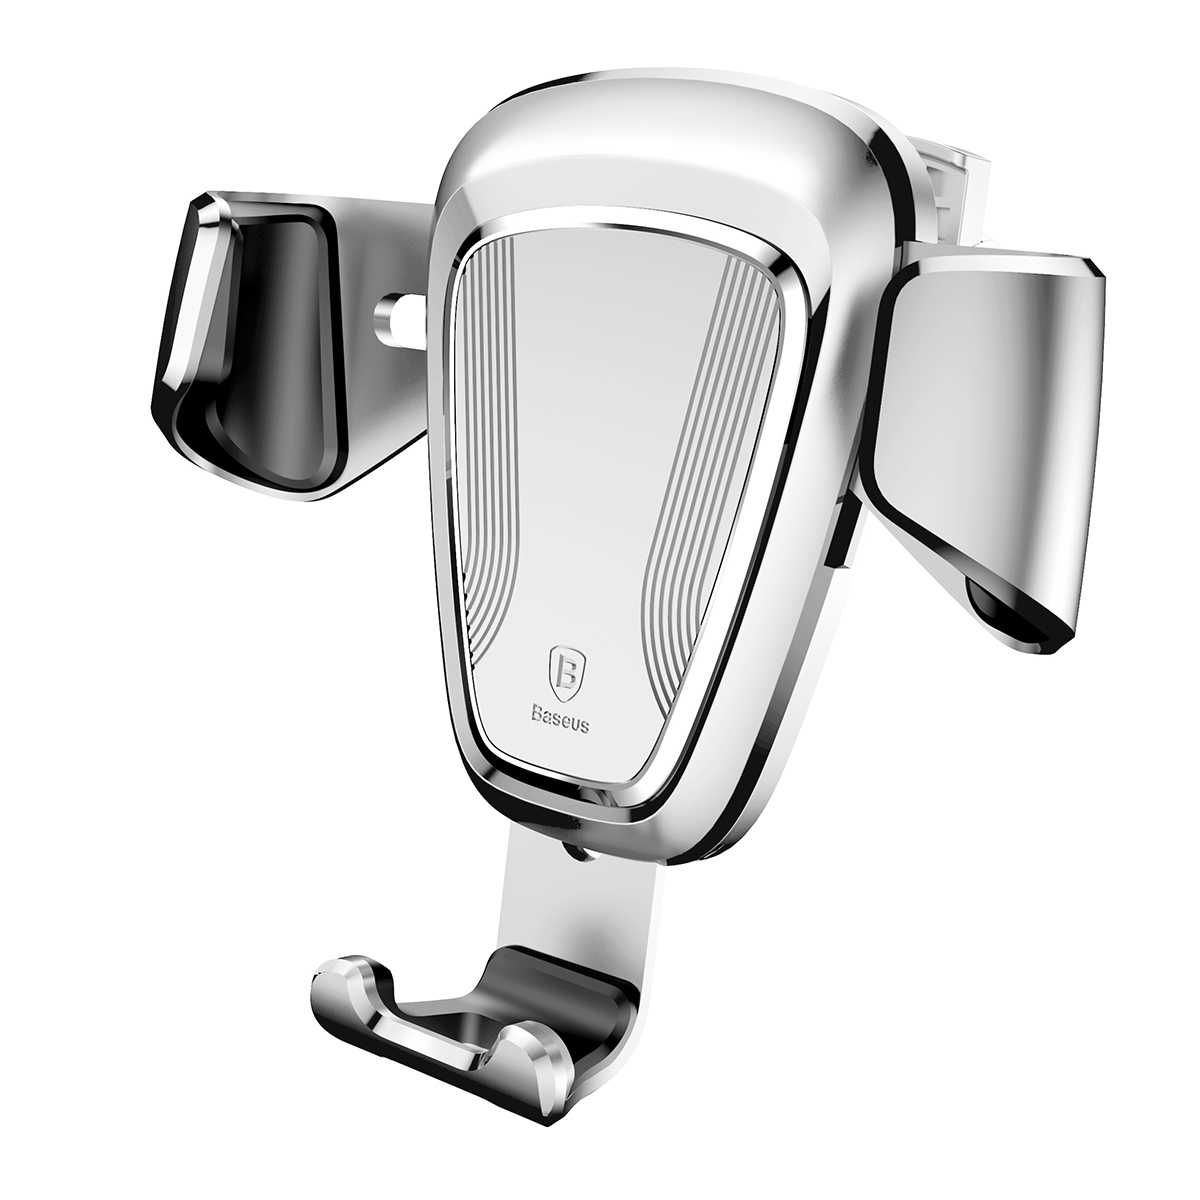 Titular de Telefone Celular carro Gravidade Car Air Vent Phone Holder Mount Cradle Bloqueio Automático Auto-Aperto One Touch para iPhone para Samsung